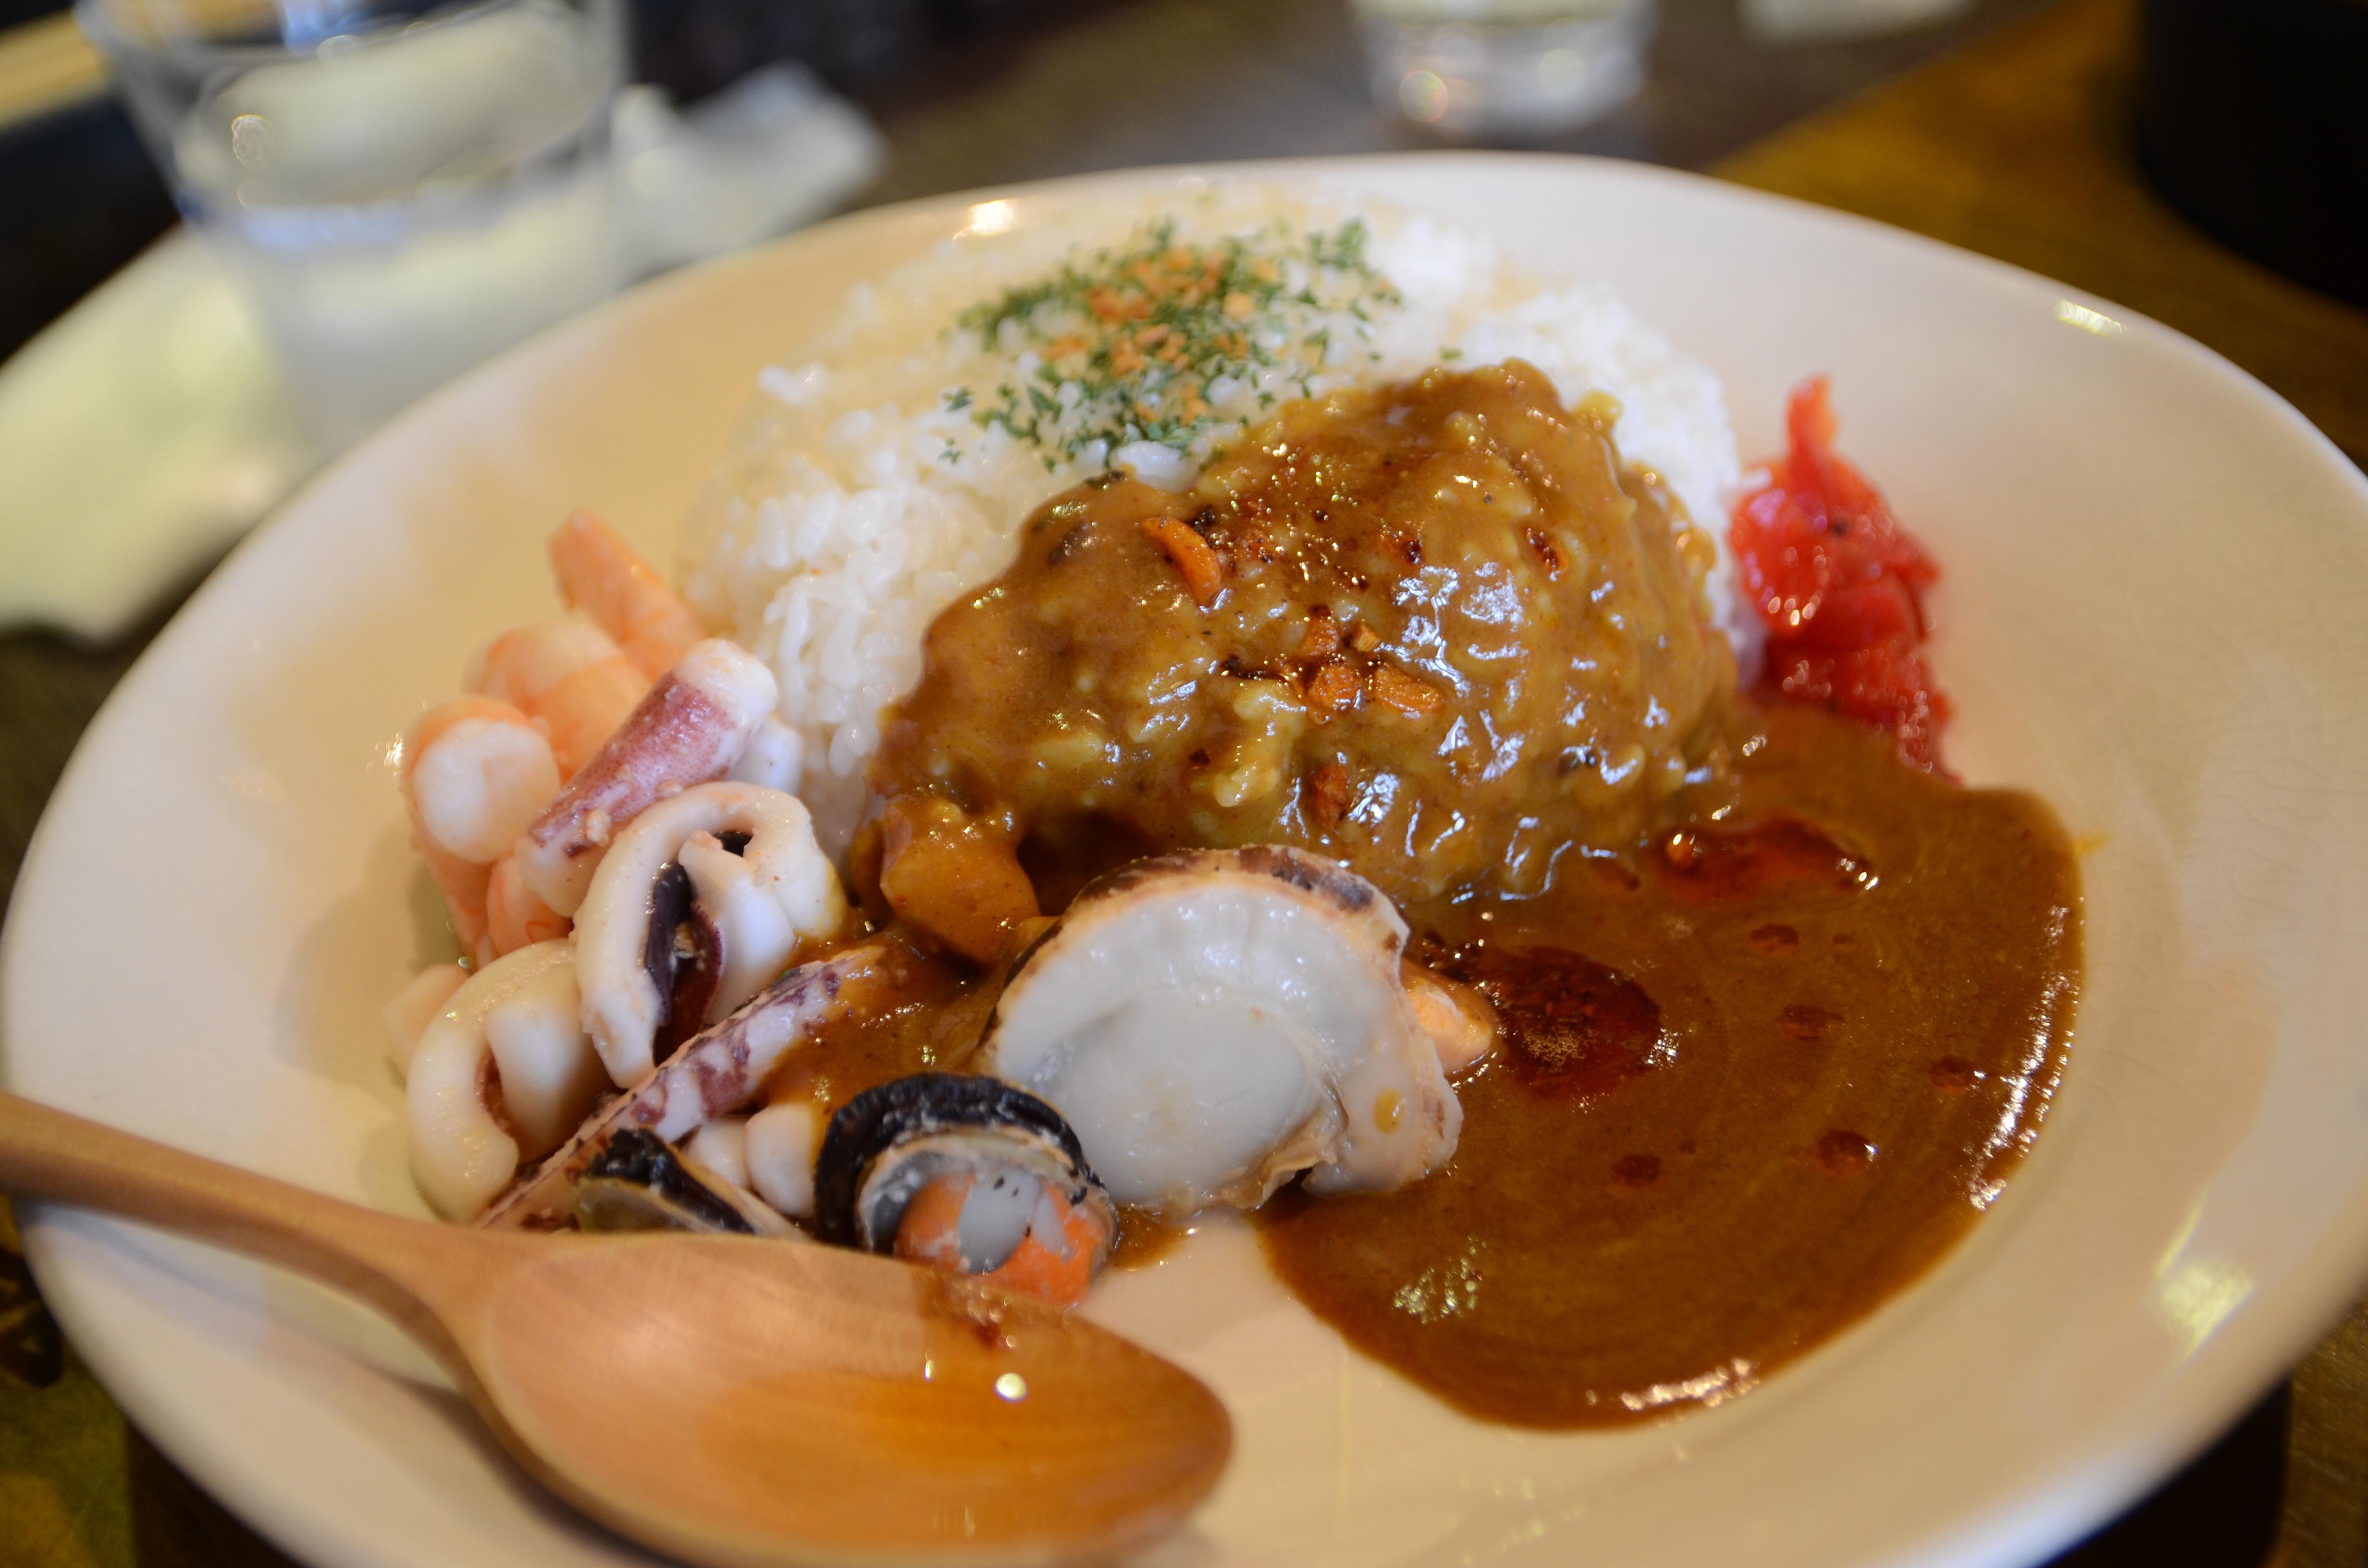 ■田村岩太郎商店の浜カレーは絶品。朝うにぶっかけ丼が無くても大丈夫!(2014年版)